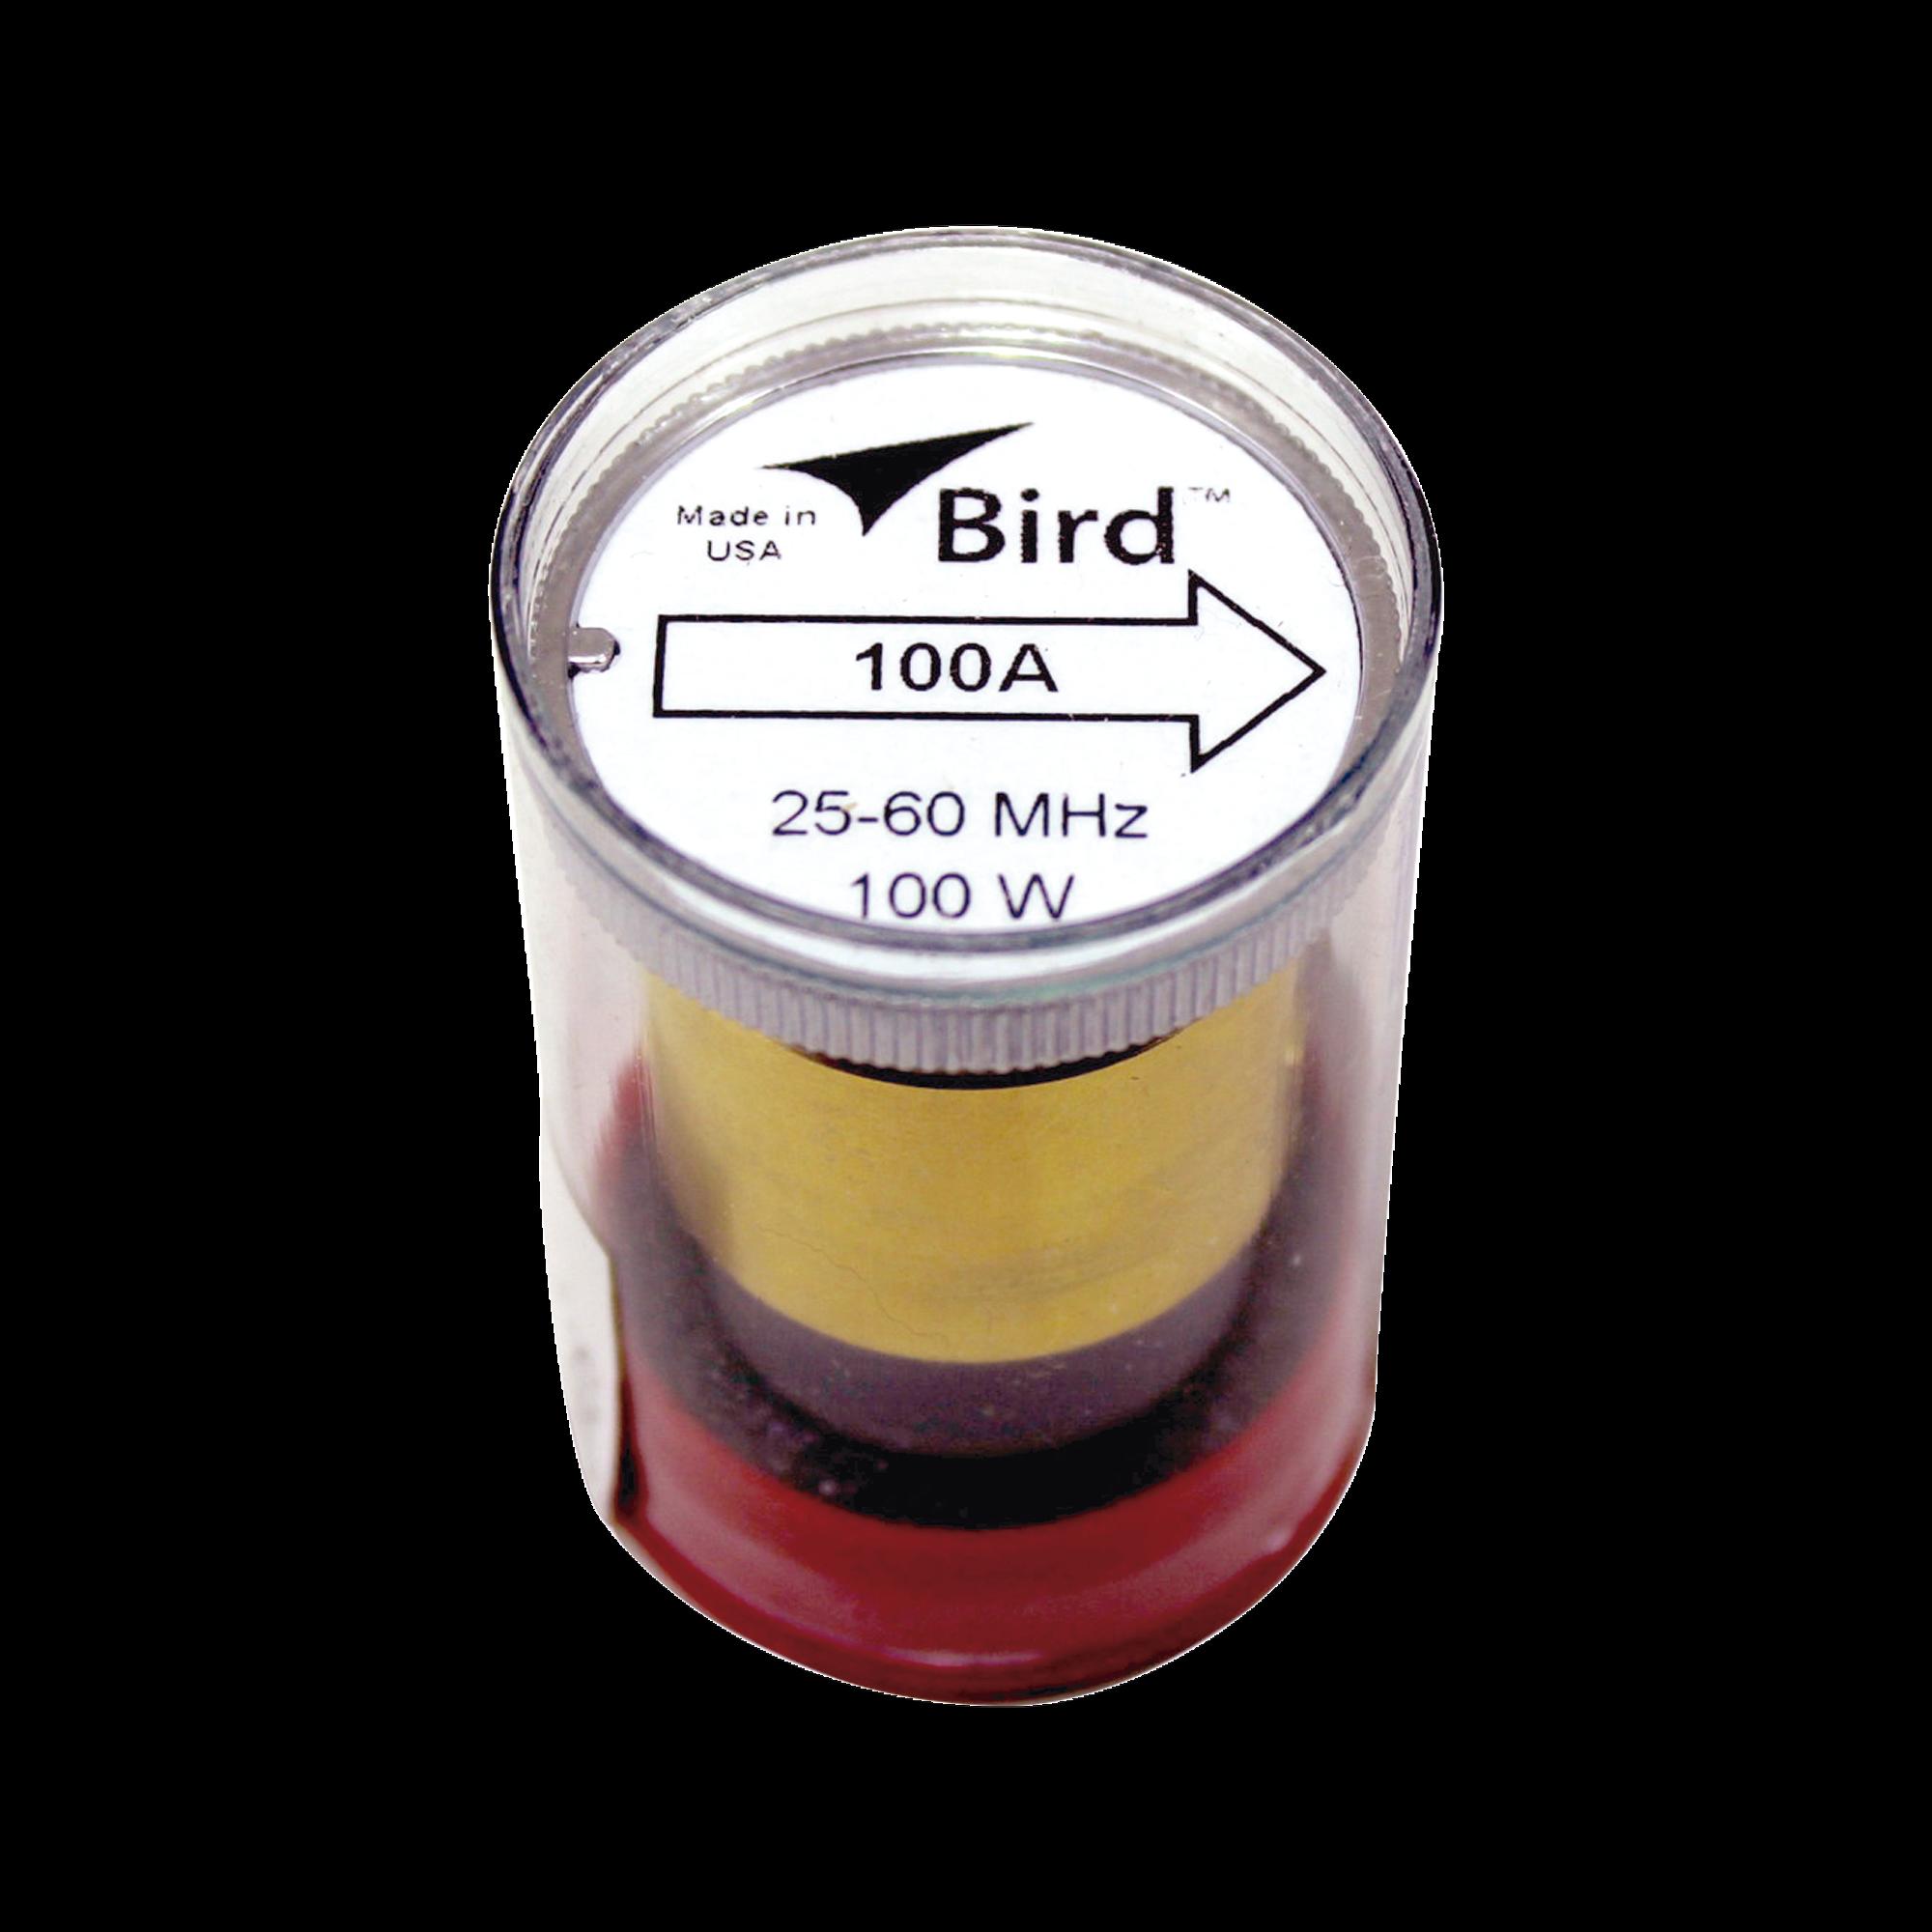 Elemento de 100 Watt en linea 7/8 para Wattmetro BIRD 43 en Rango de Frecuencia de 25 a 60 MHz.